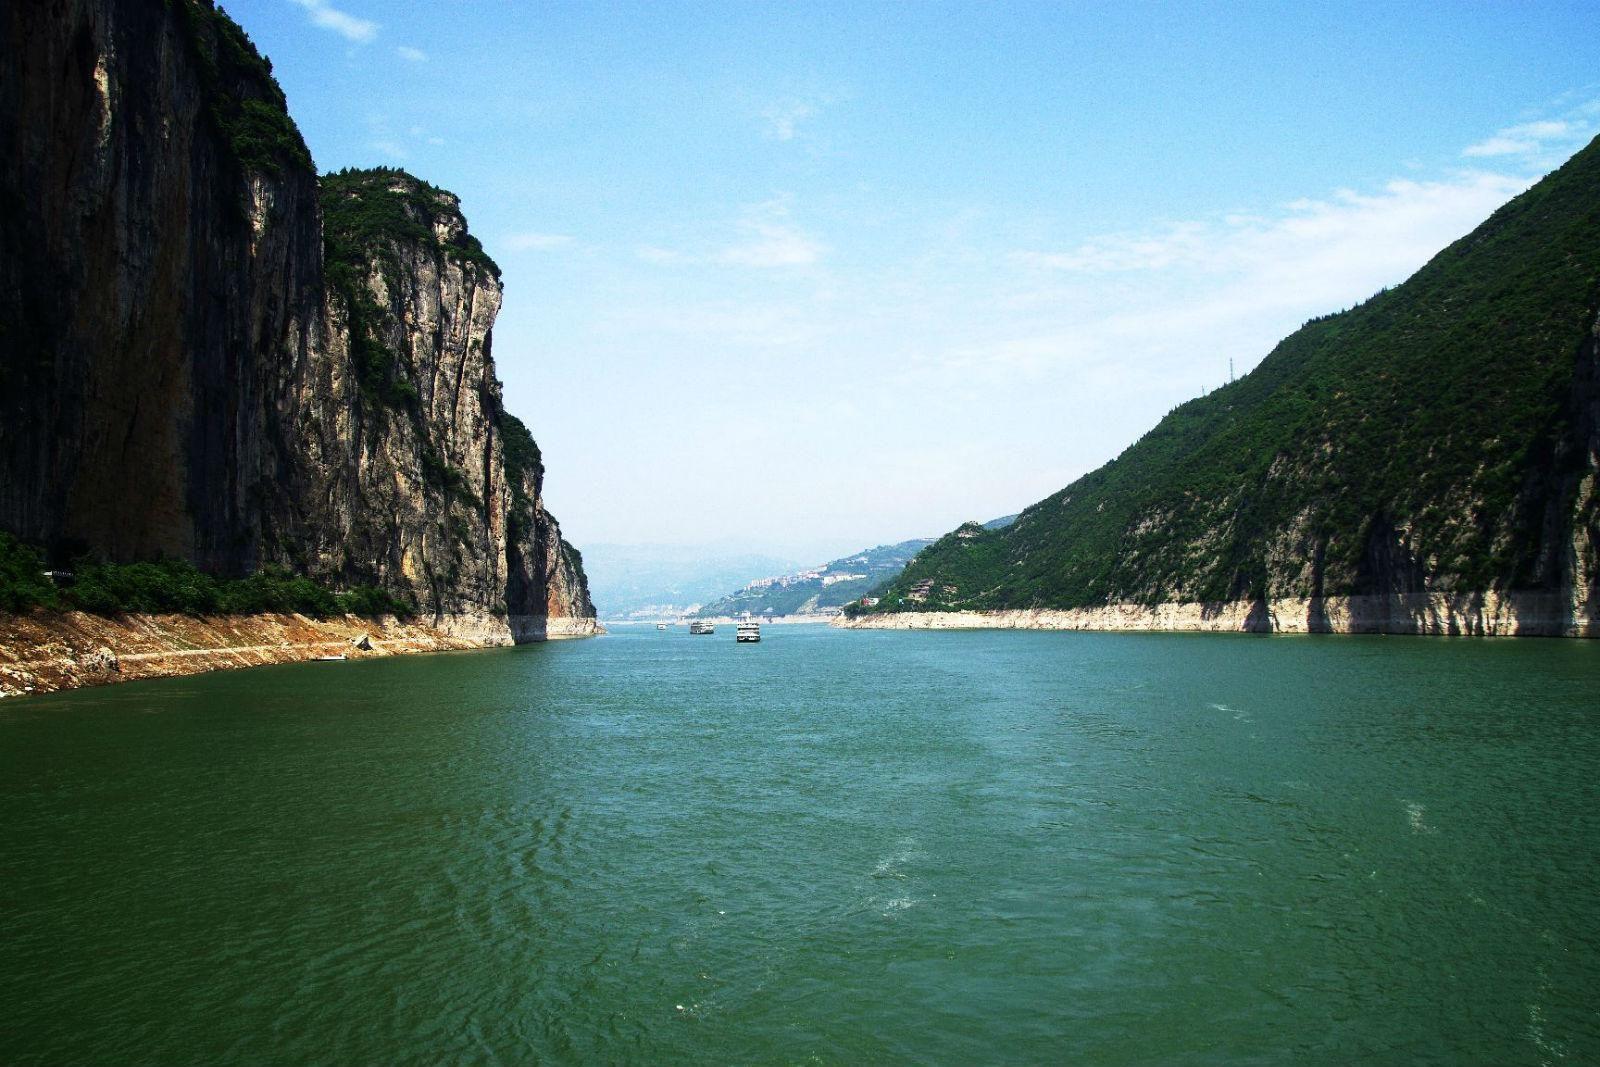 品味三峡·船进巴东 宜昌巴东联合推出游轮专线旅游新产品